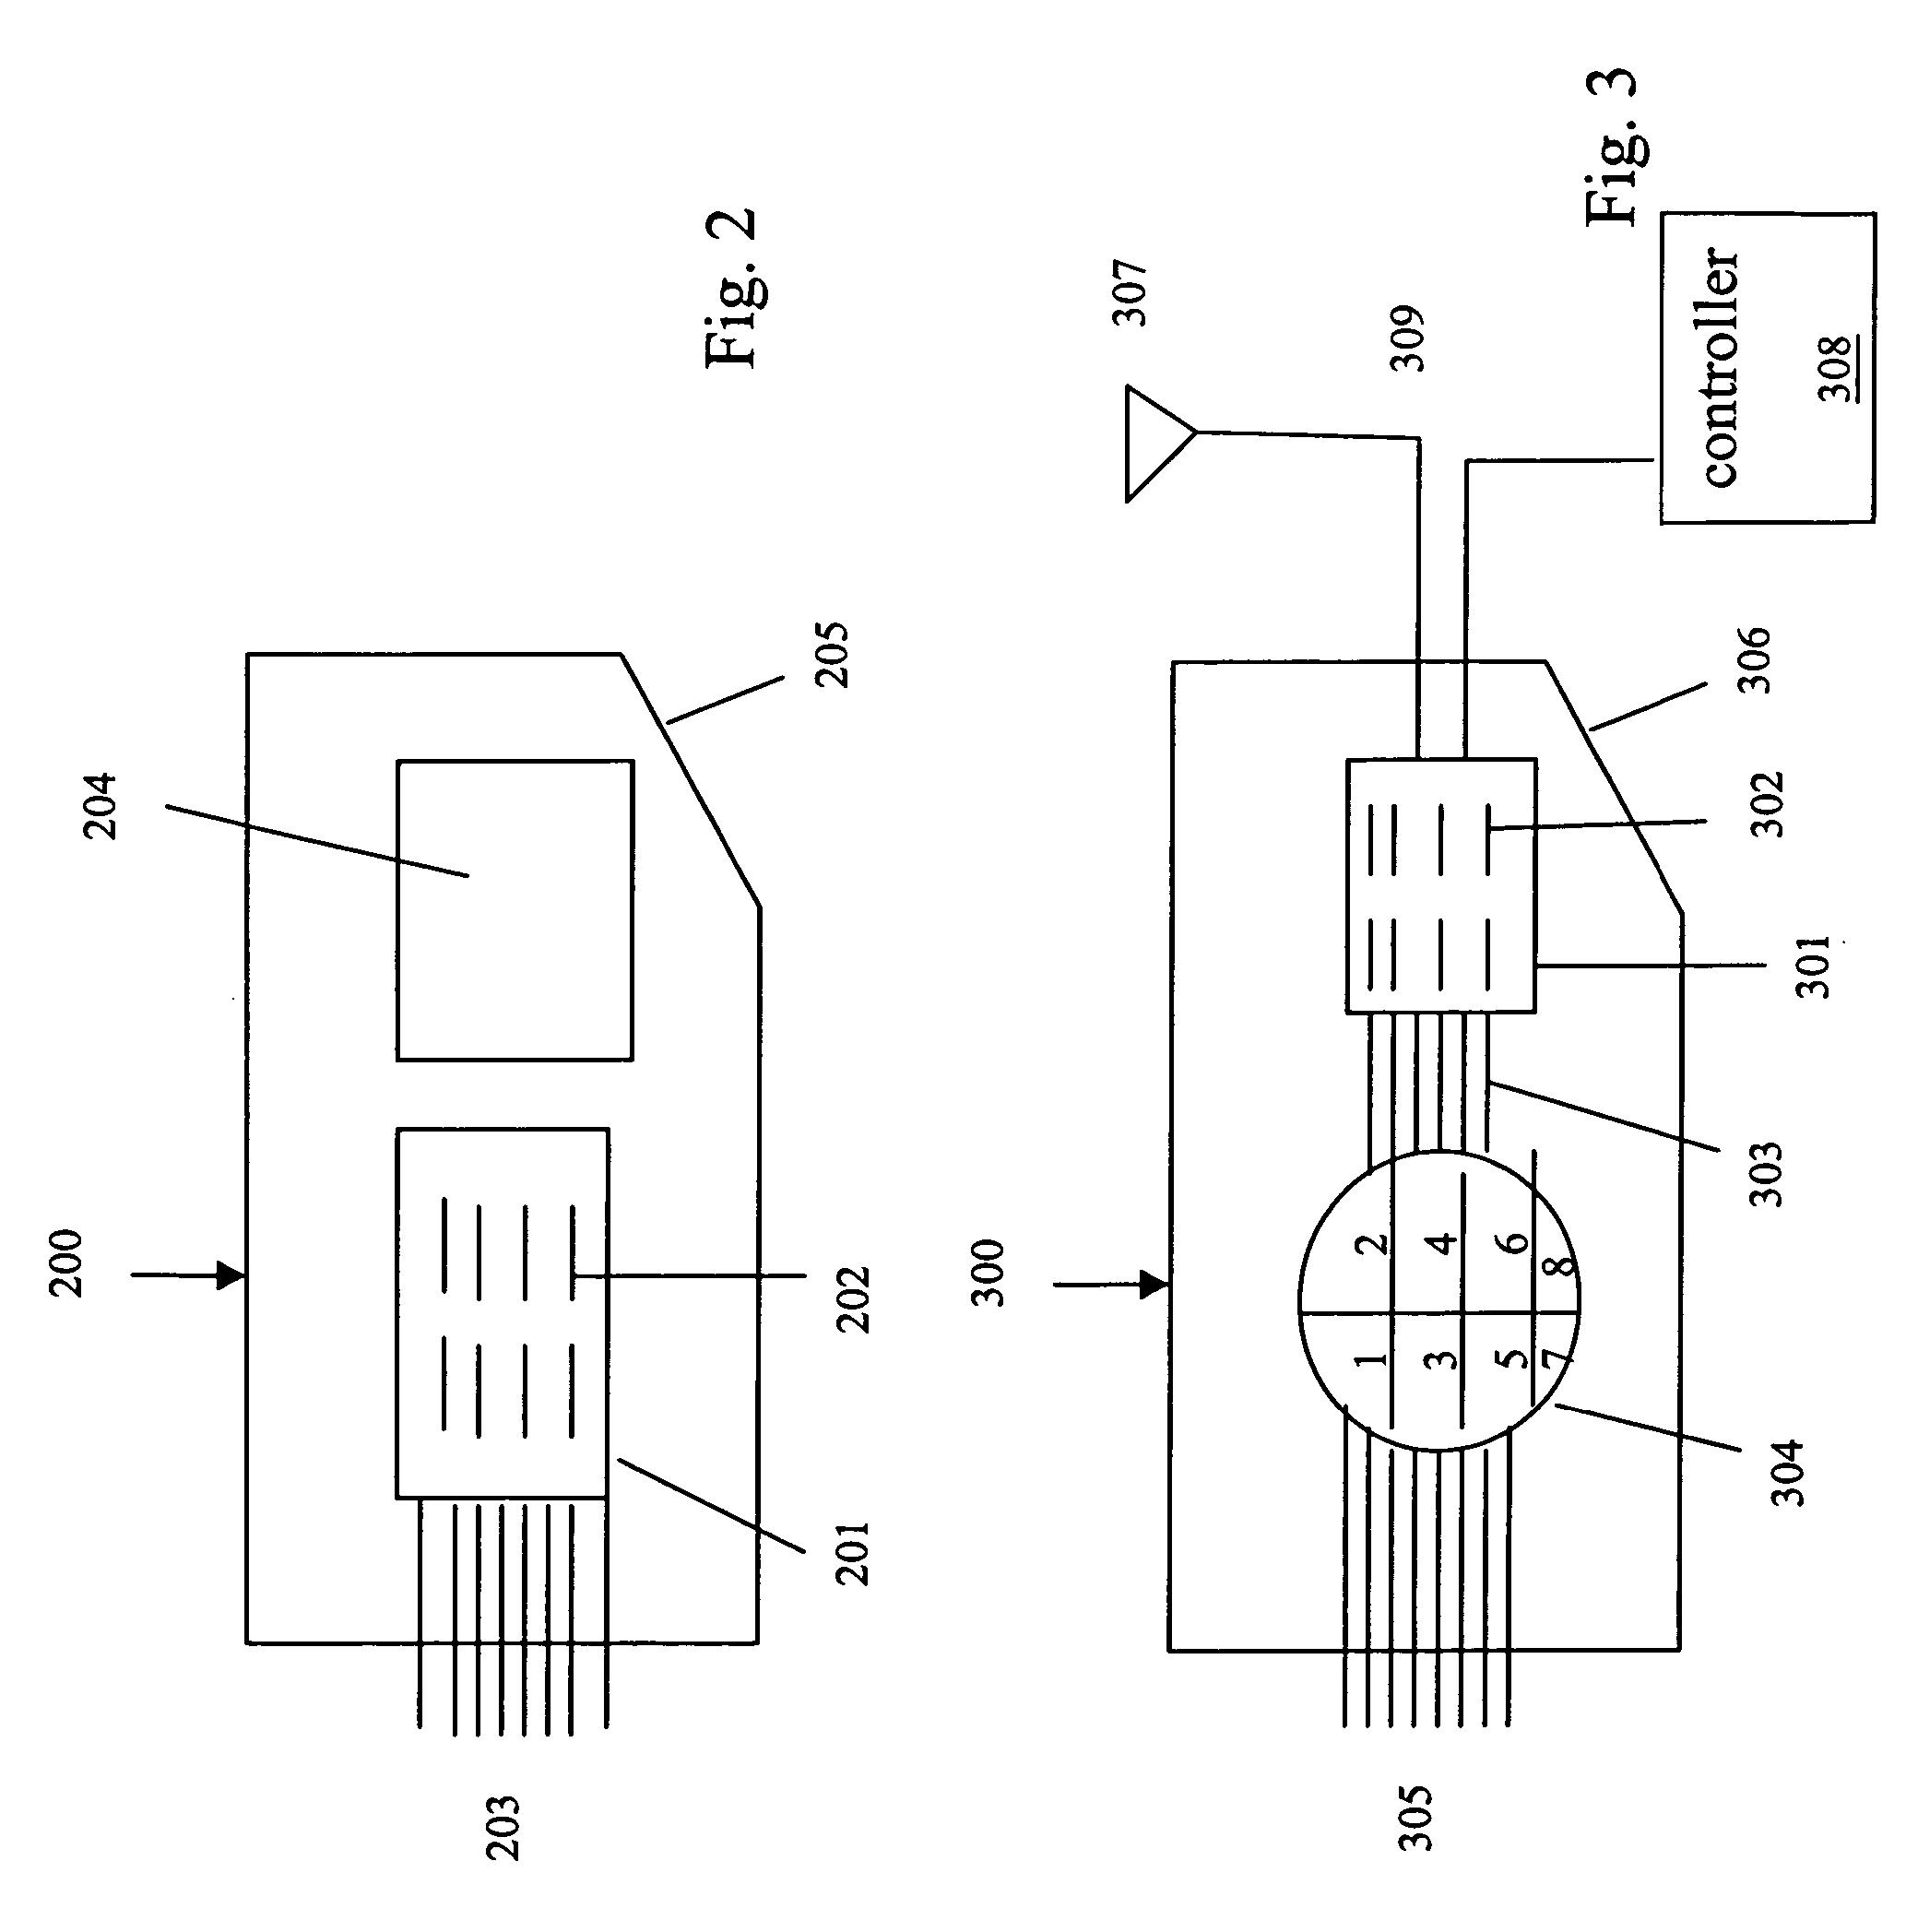 patent us7198199